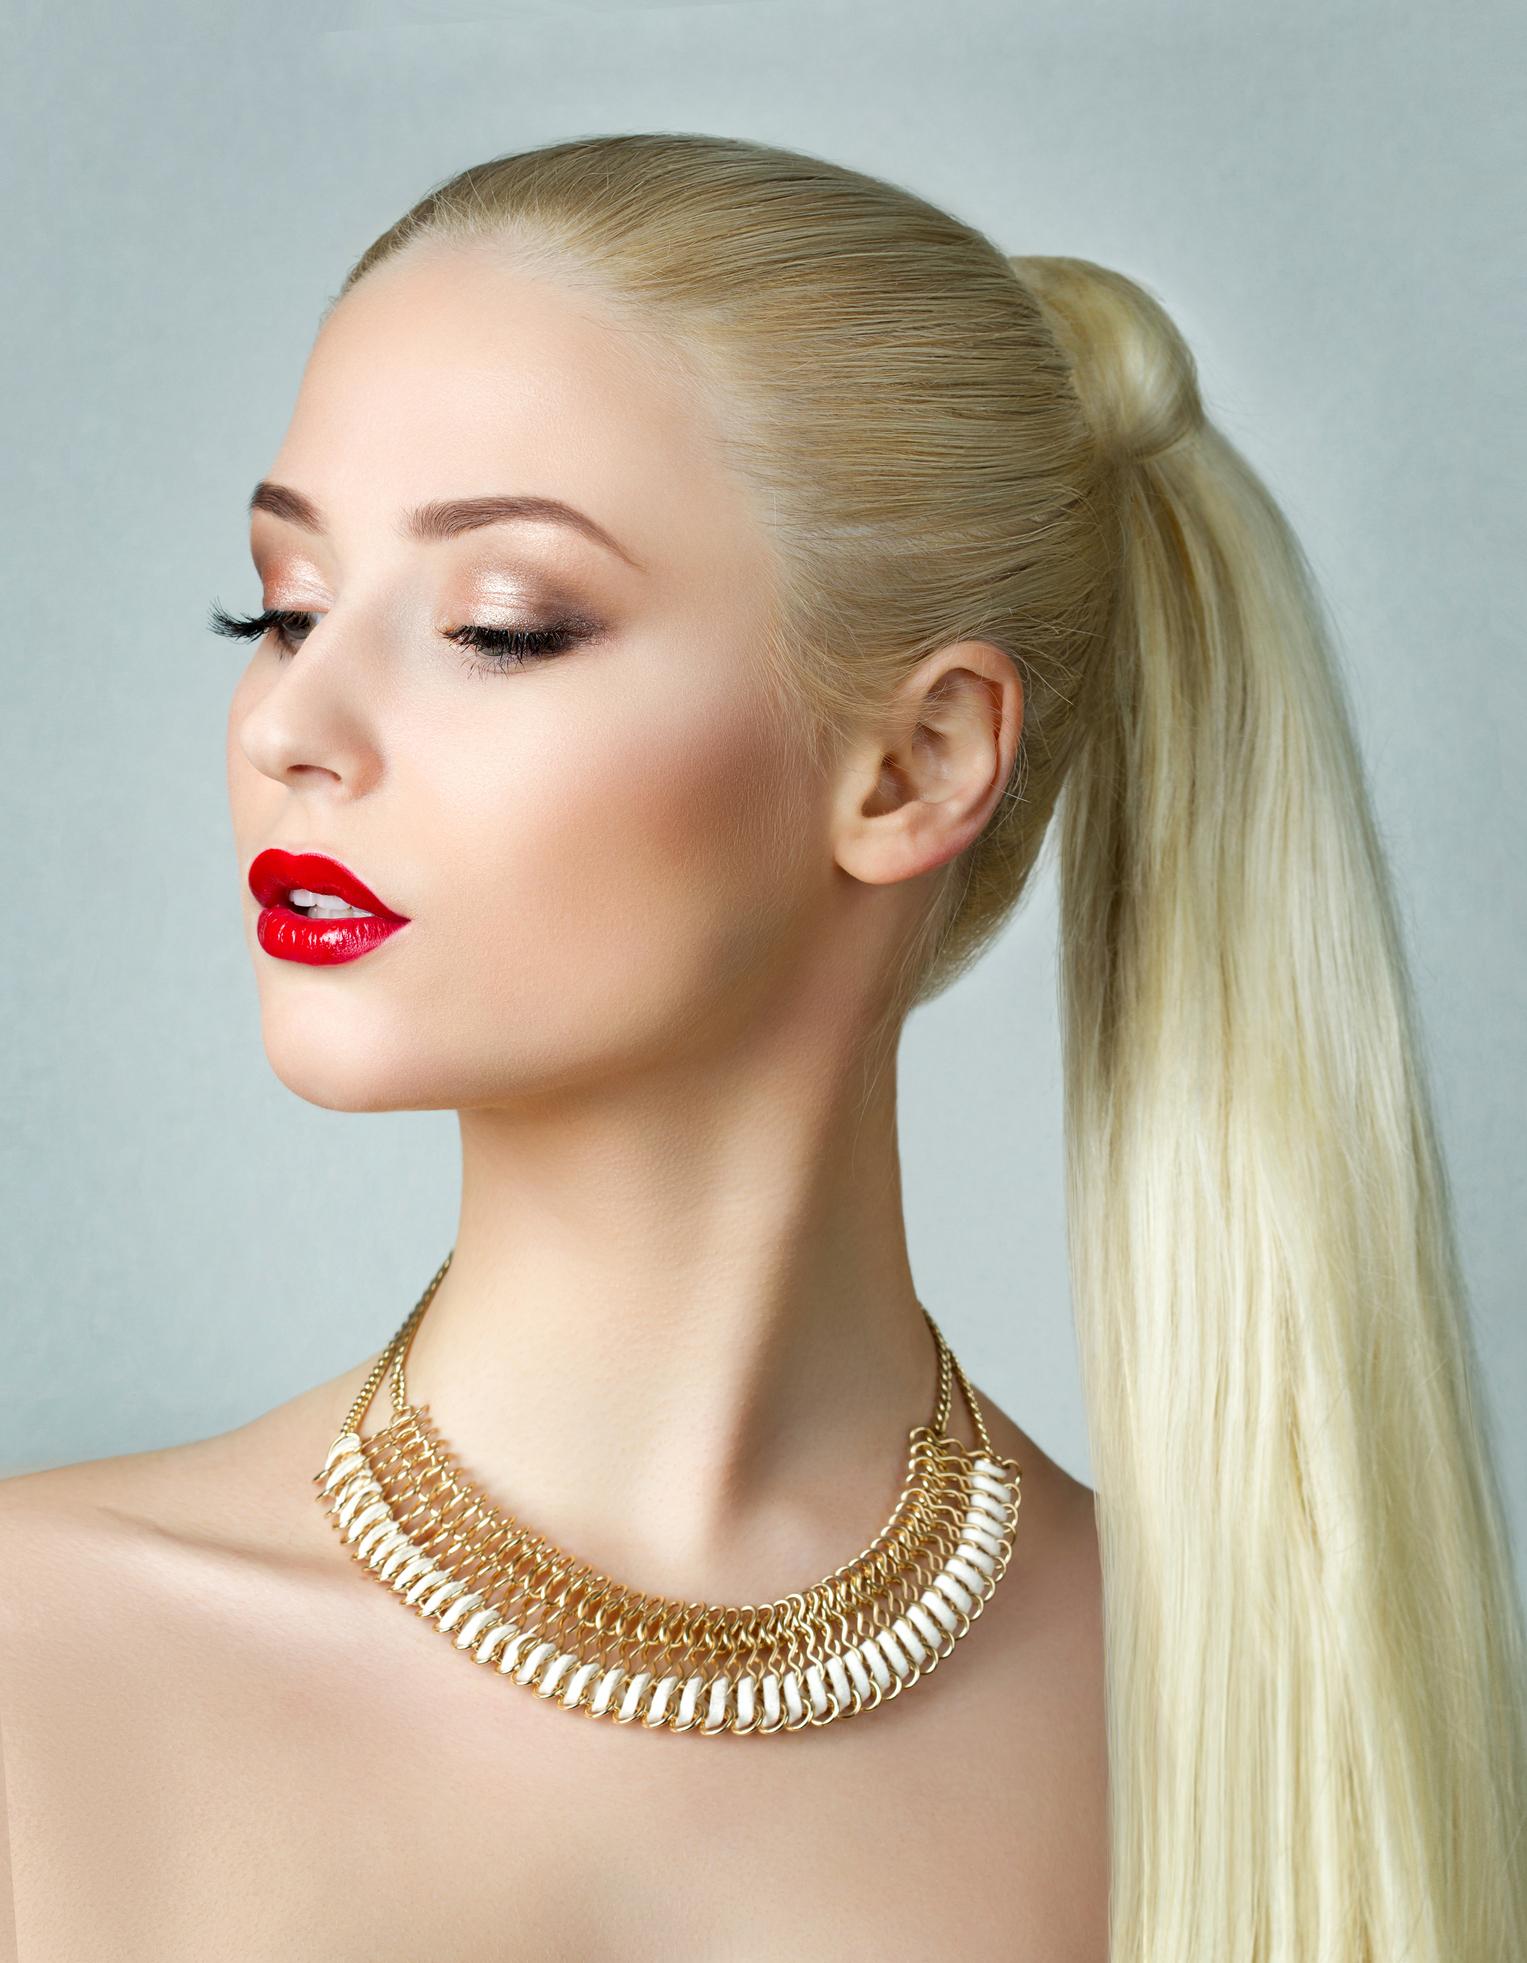 El Peinado Ideal Para Tu Vestuario De Fin De Ano La Prensa